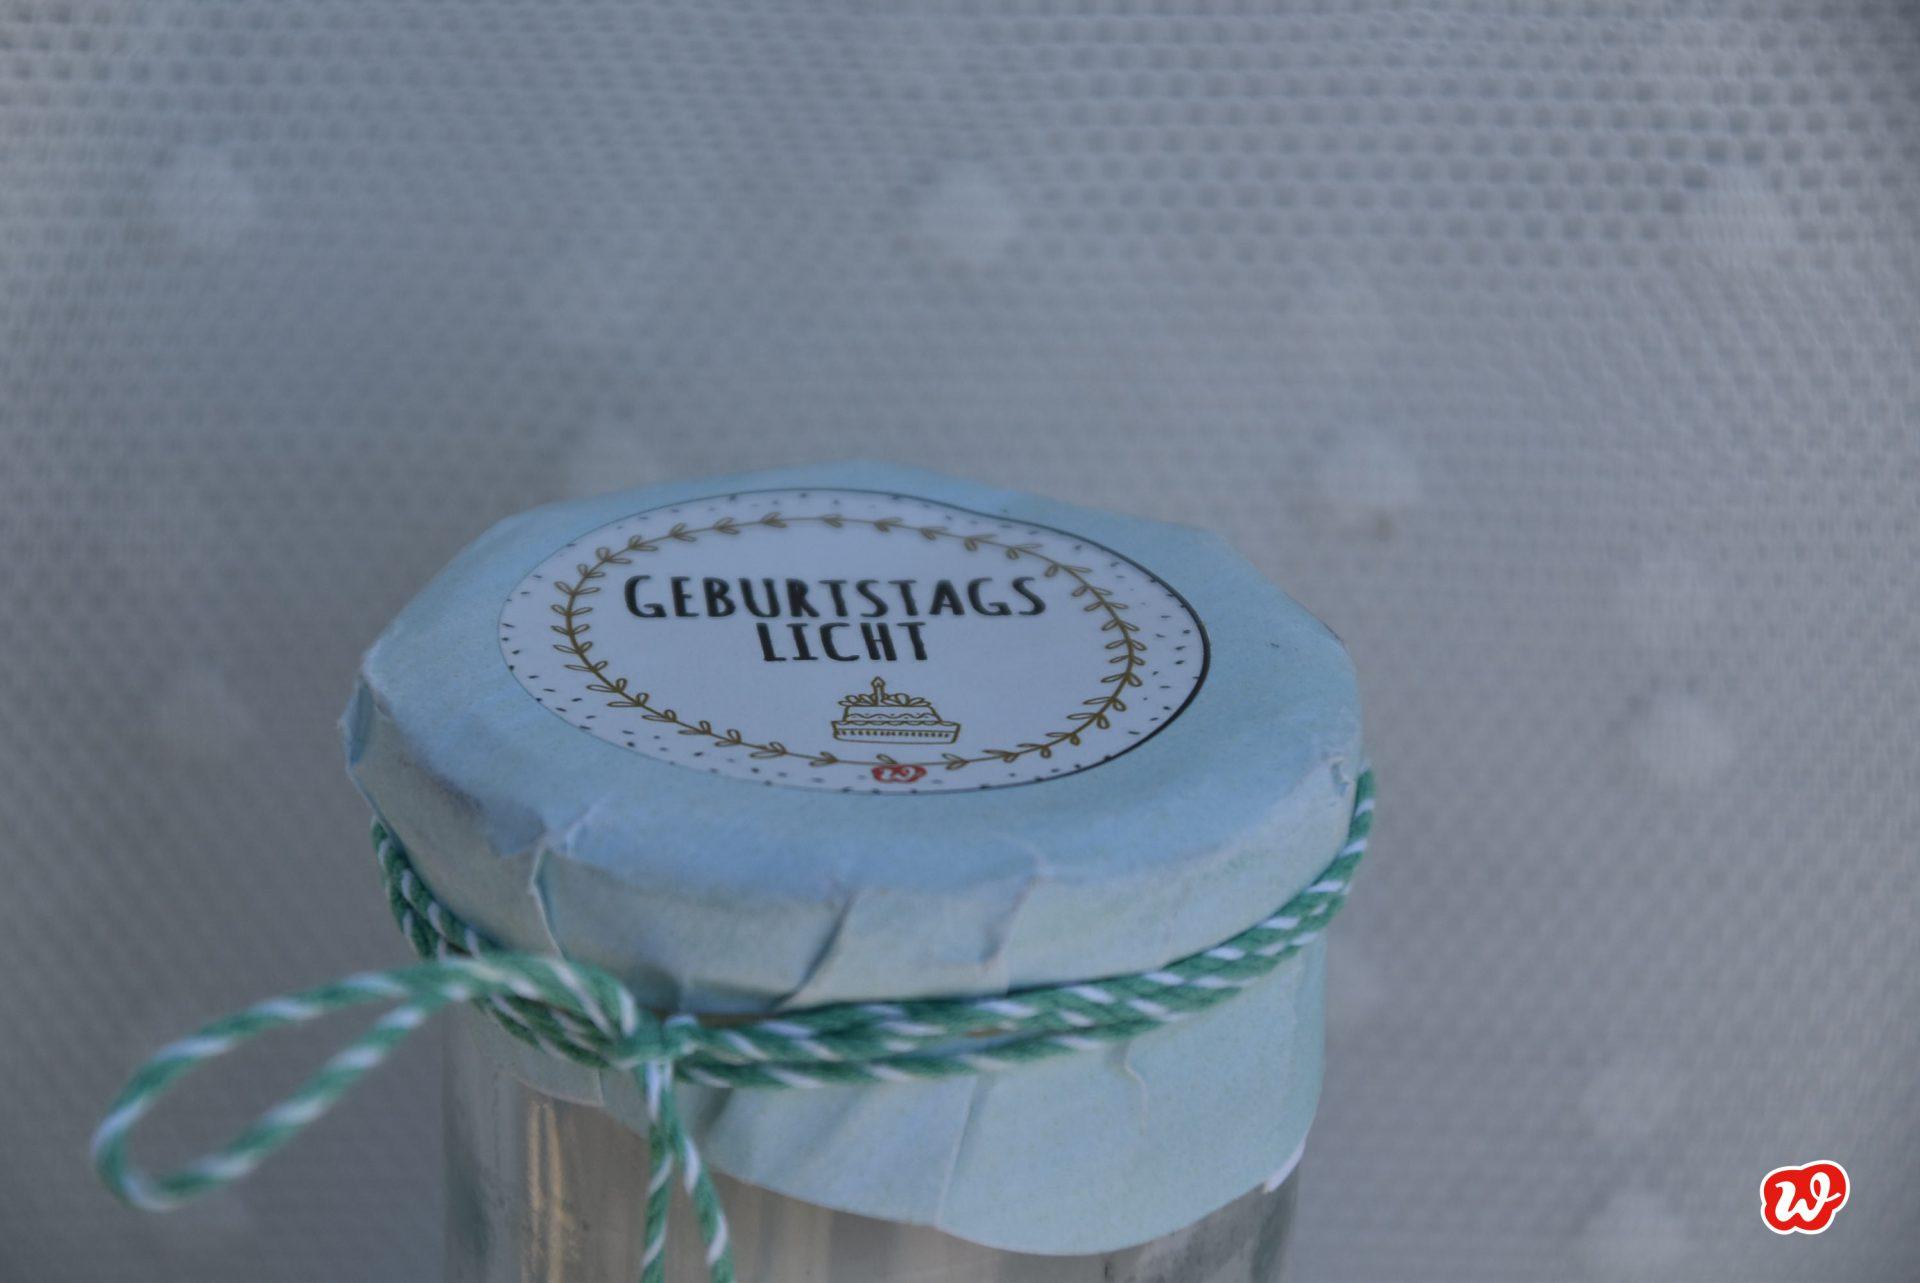 Wunderle, Geburtstagslicht, Glück im Glas, Geschenk, gefertigt in Werkstätten für Menschen mit BehinderungGeschenkideen,